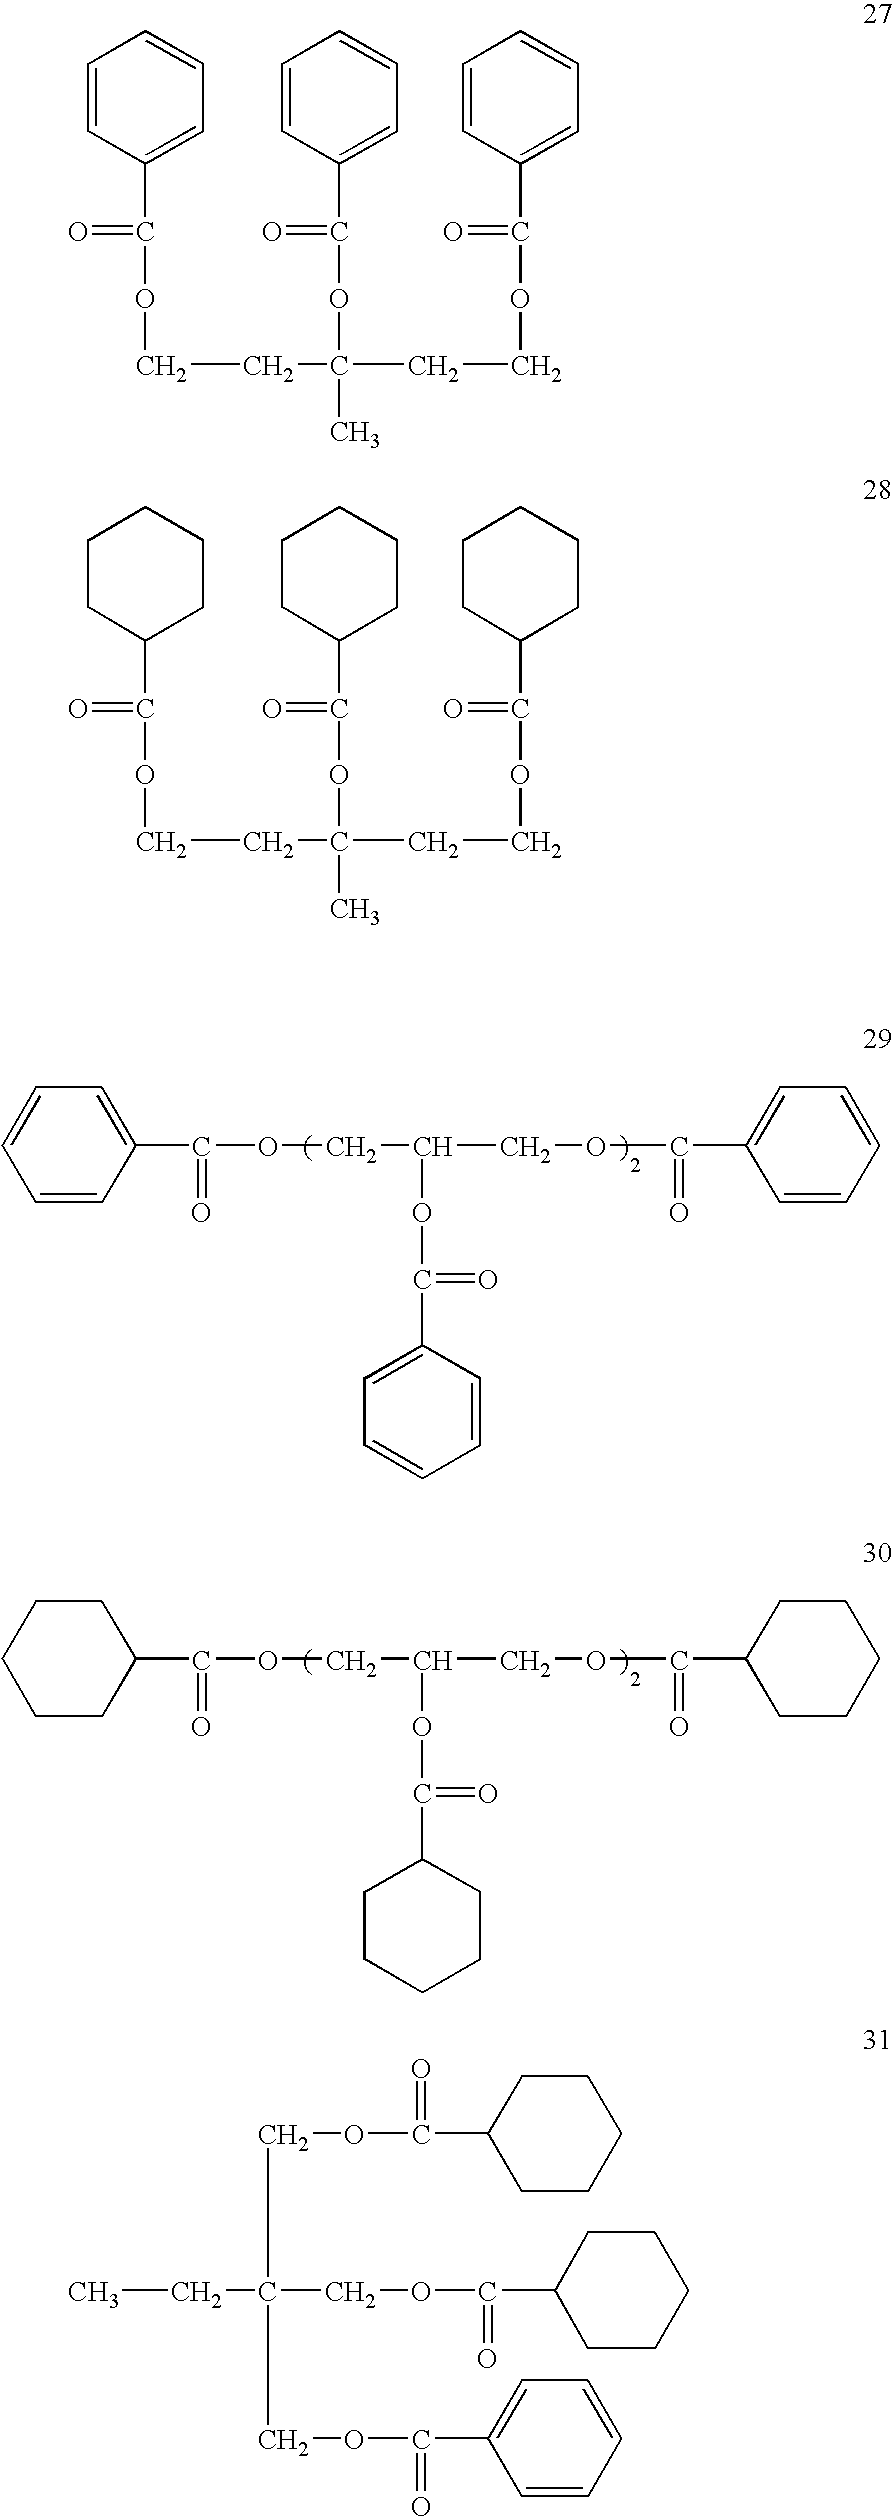 Figure US20040247889A1-20041209-C00004